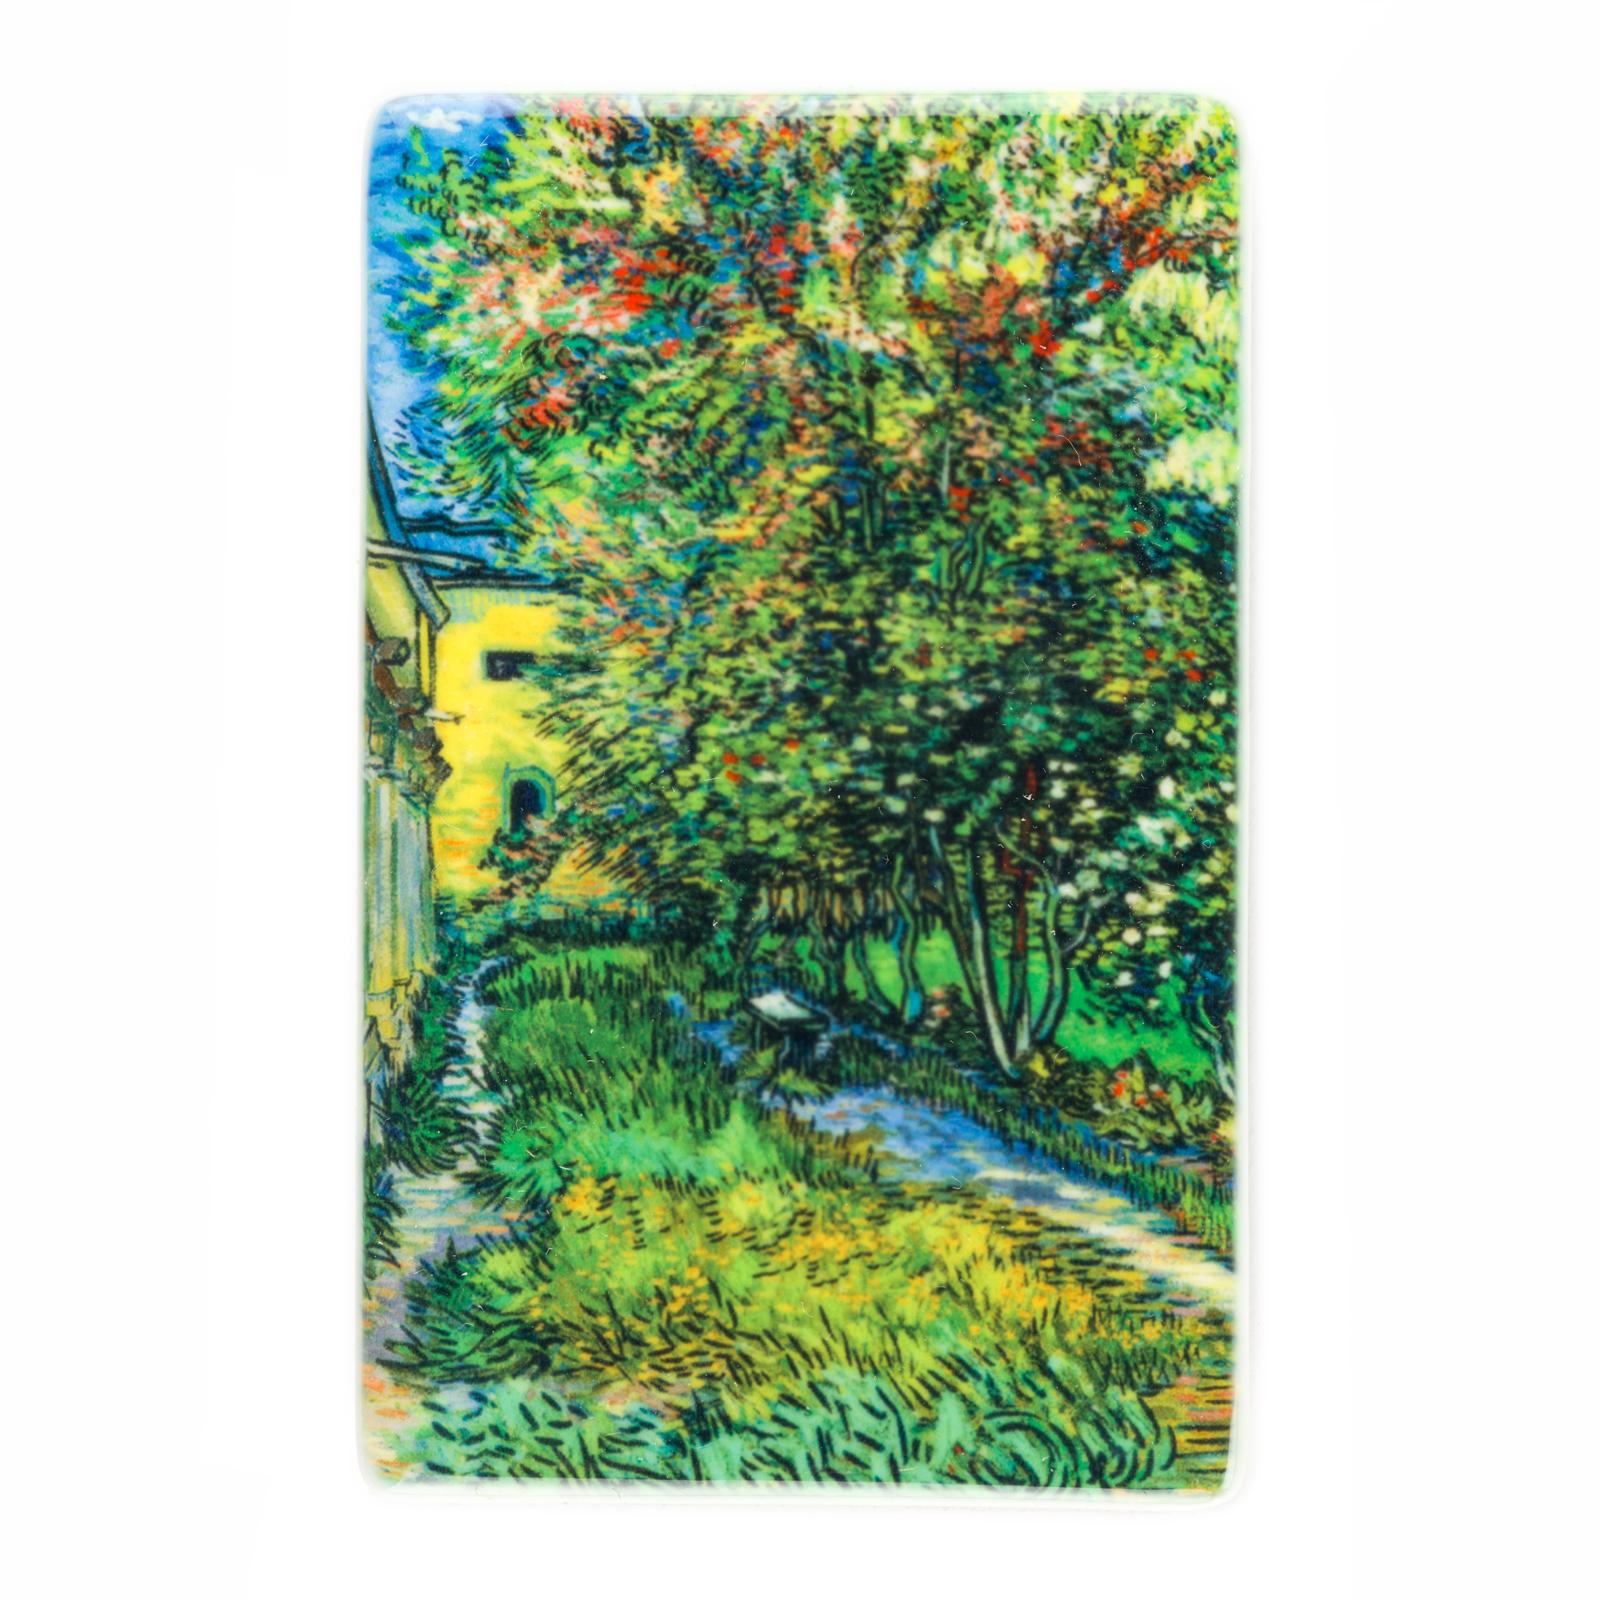 Koelkast magneet Van Gogh De tuin van de inrichting